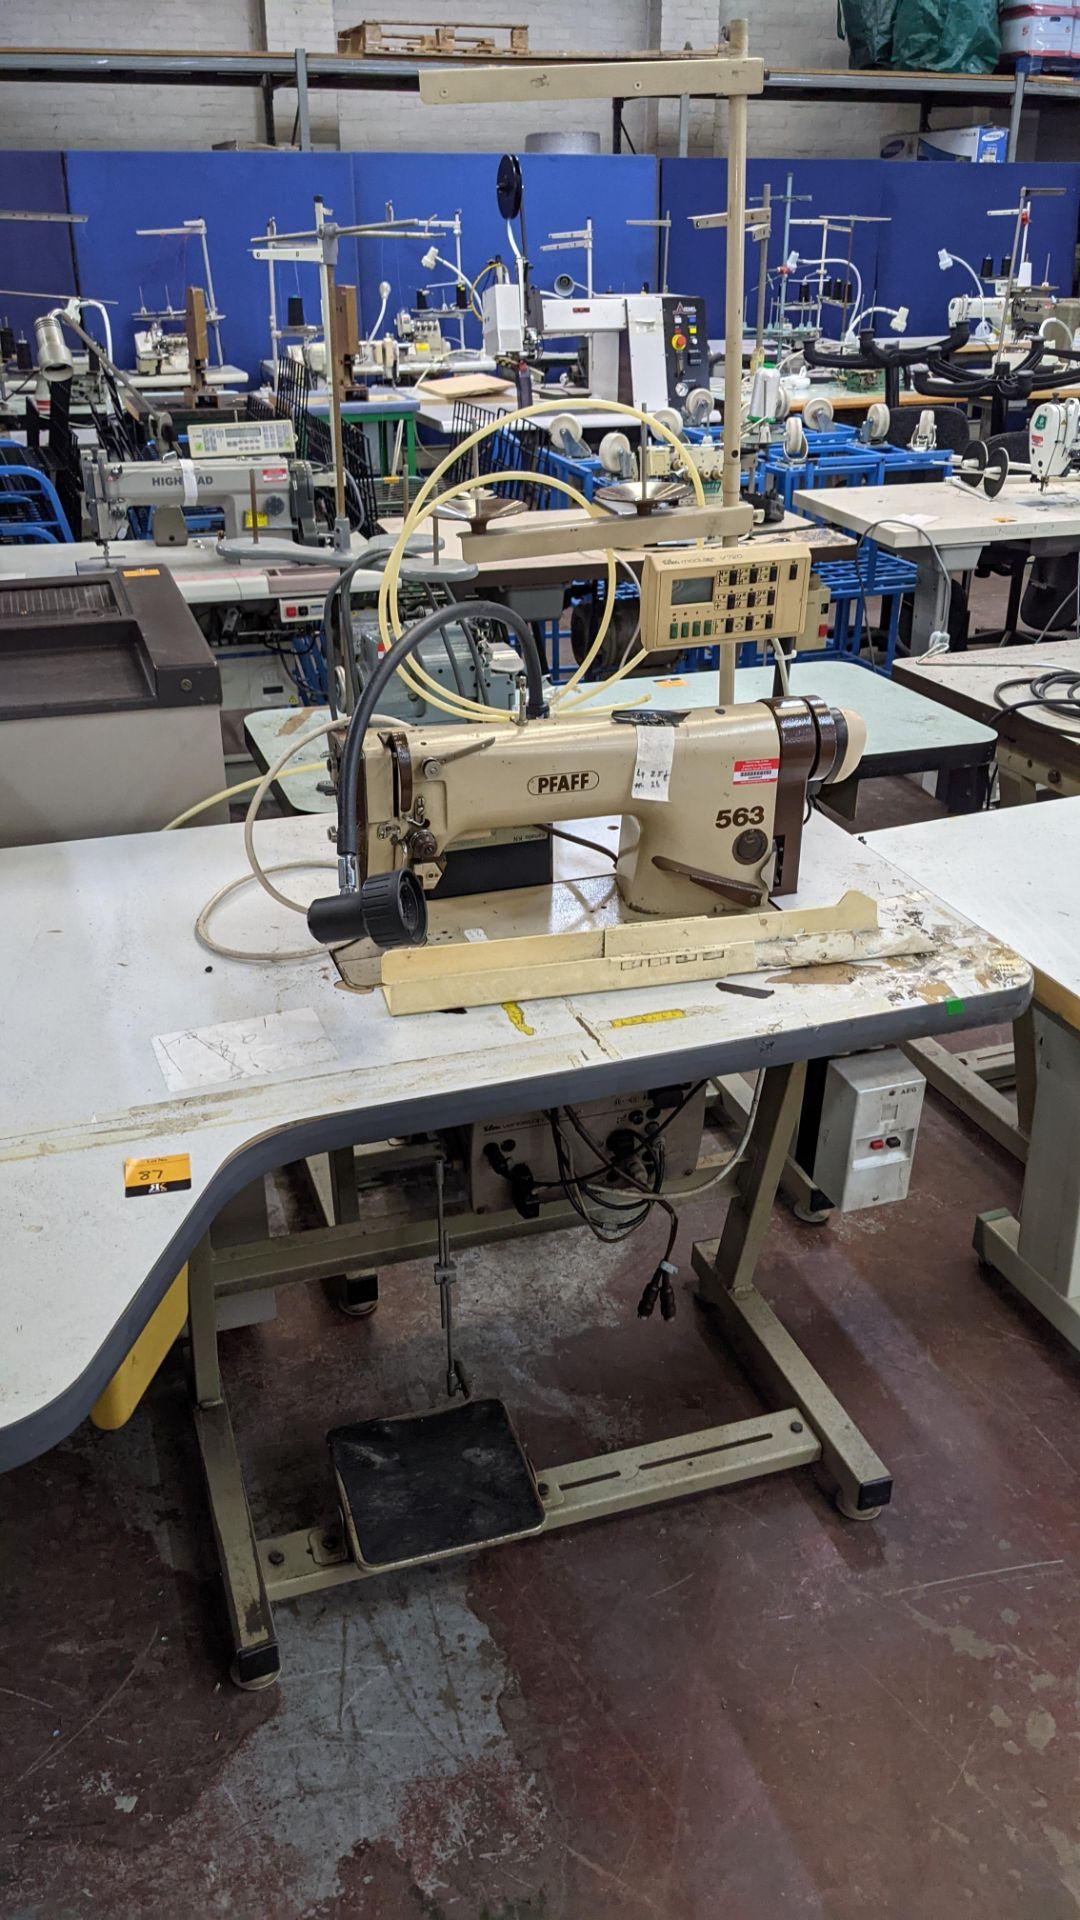 Pfaff model 563 sewing machine with Efka modular V720 digital controller - Image 13 of 13